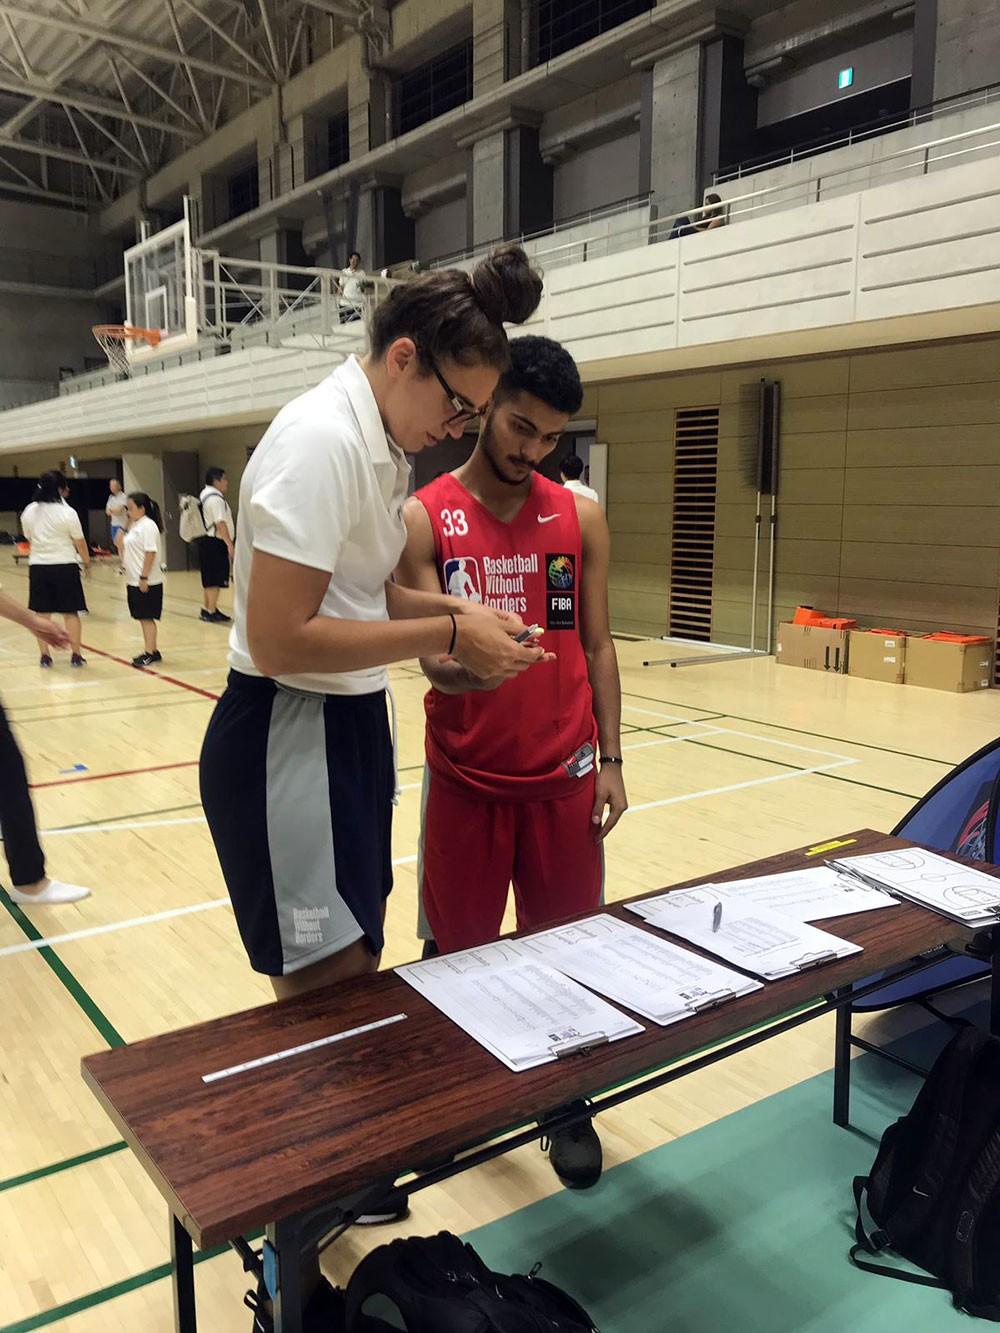 مصطفى حسين يدشن مشاركته في أفضل لاعبي آسيا باليابان